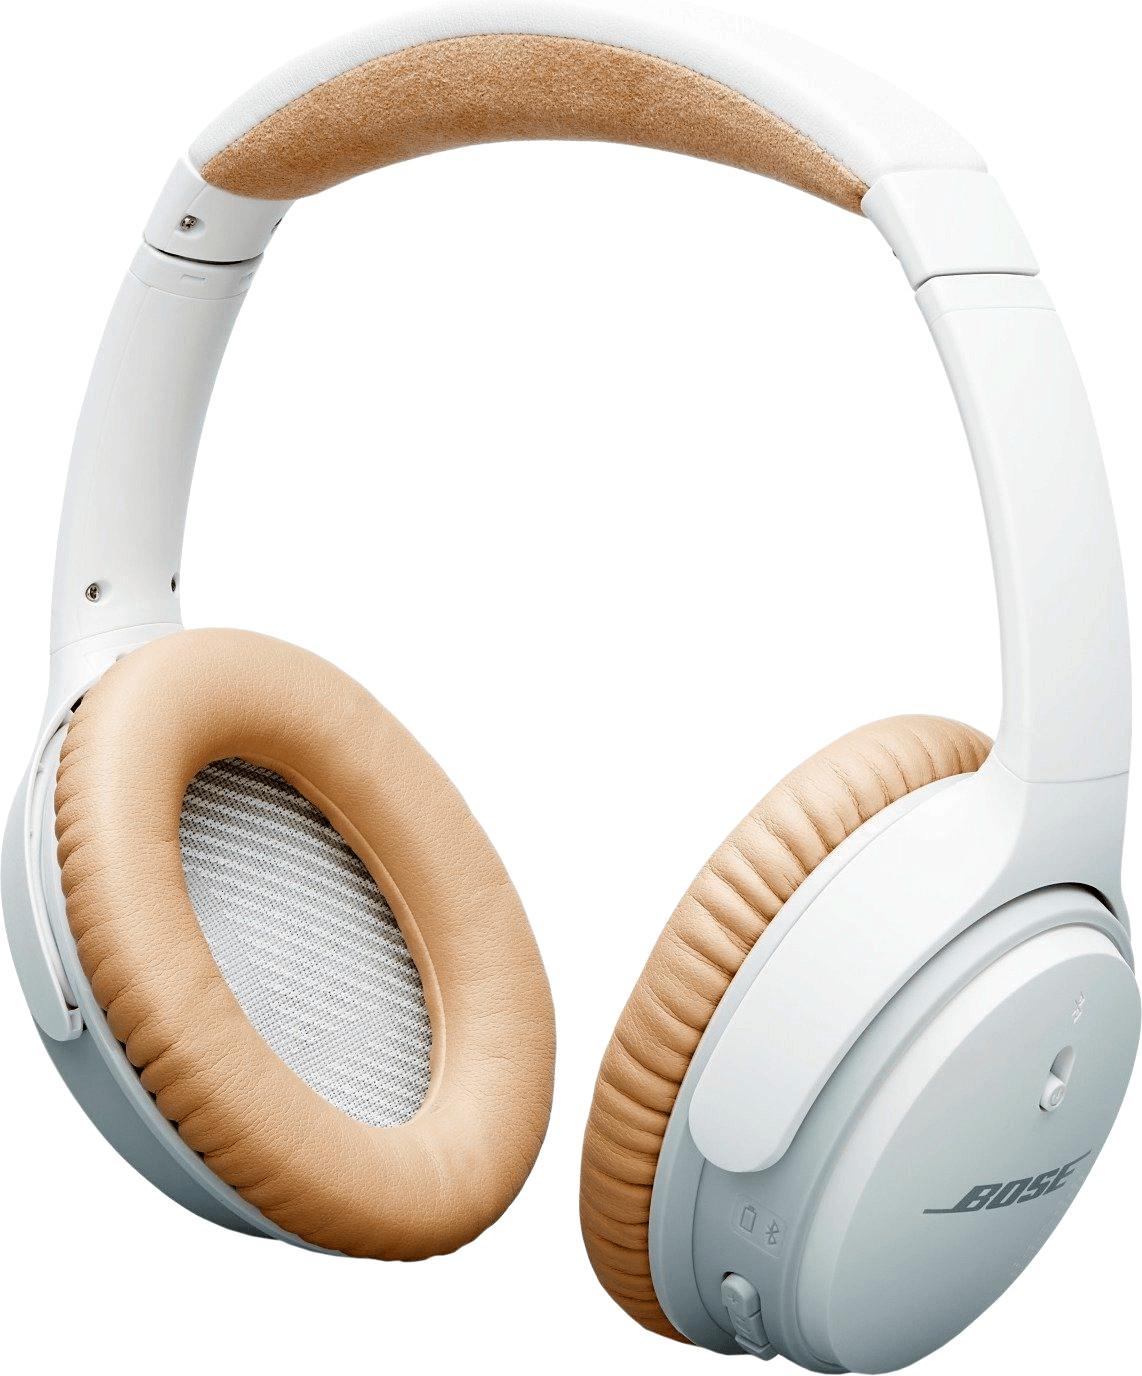 Bluetooth-Kopfhörer Bose SoundLink Around-Ear II (Over-Ear, geschlossen, ~15h Akku, NFC, Mikrofon, Schnellladung, optionaler Klinkenbetrieb)